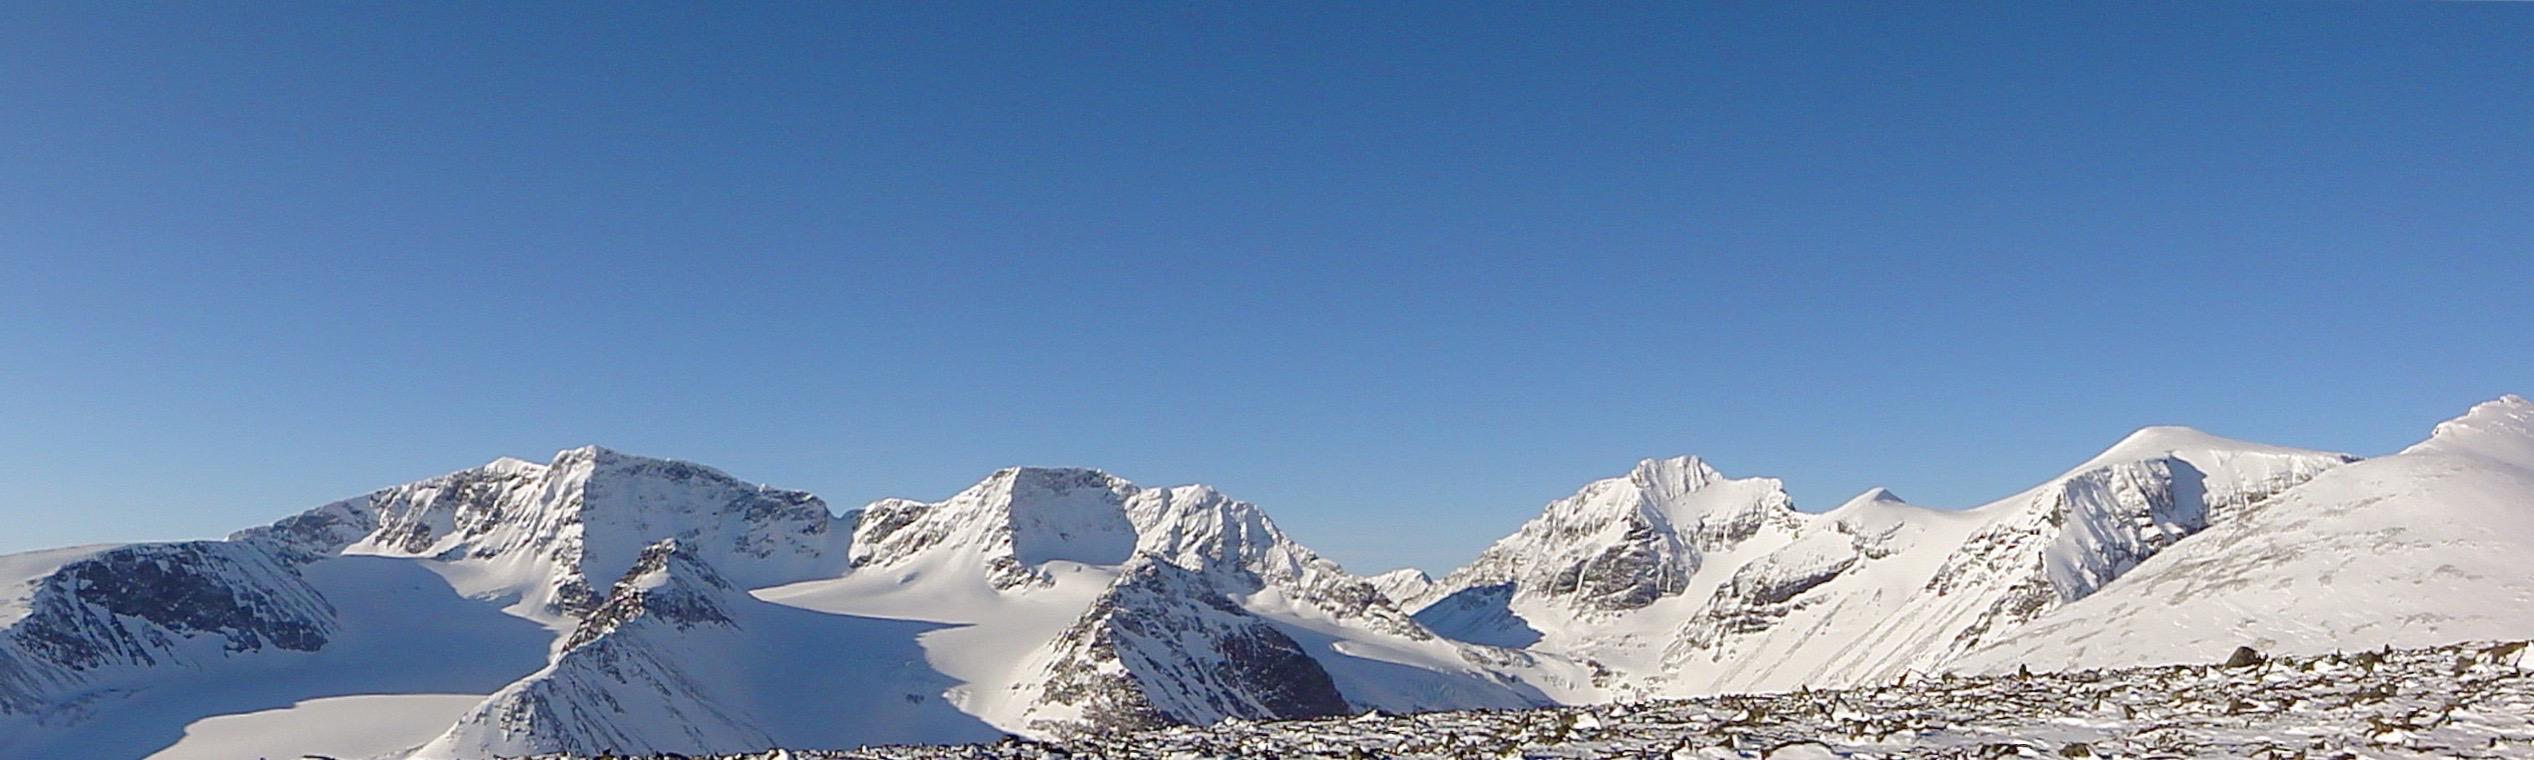 Kebnekaise, Giebmegáisi massivet. Med Kebnekaise syd och nord topp till vänster i bild. Foto: Mattias Skantz